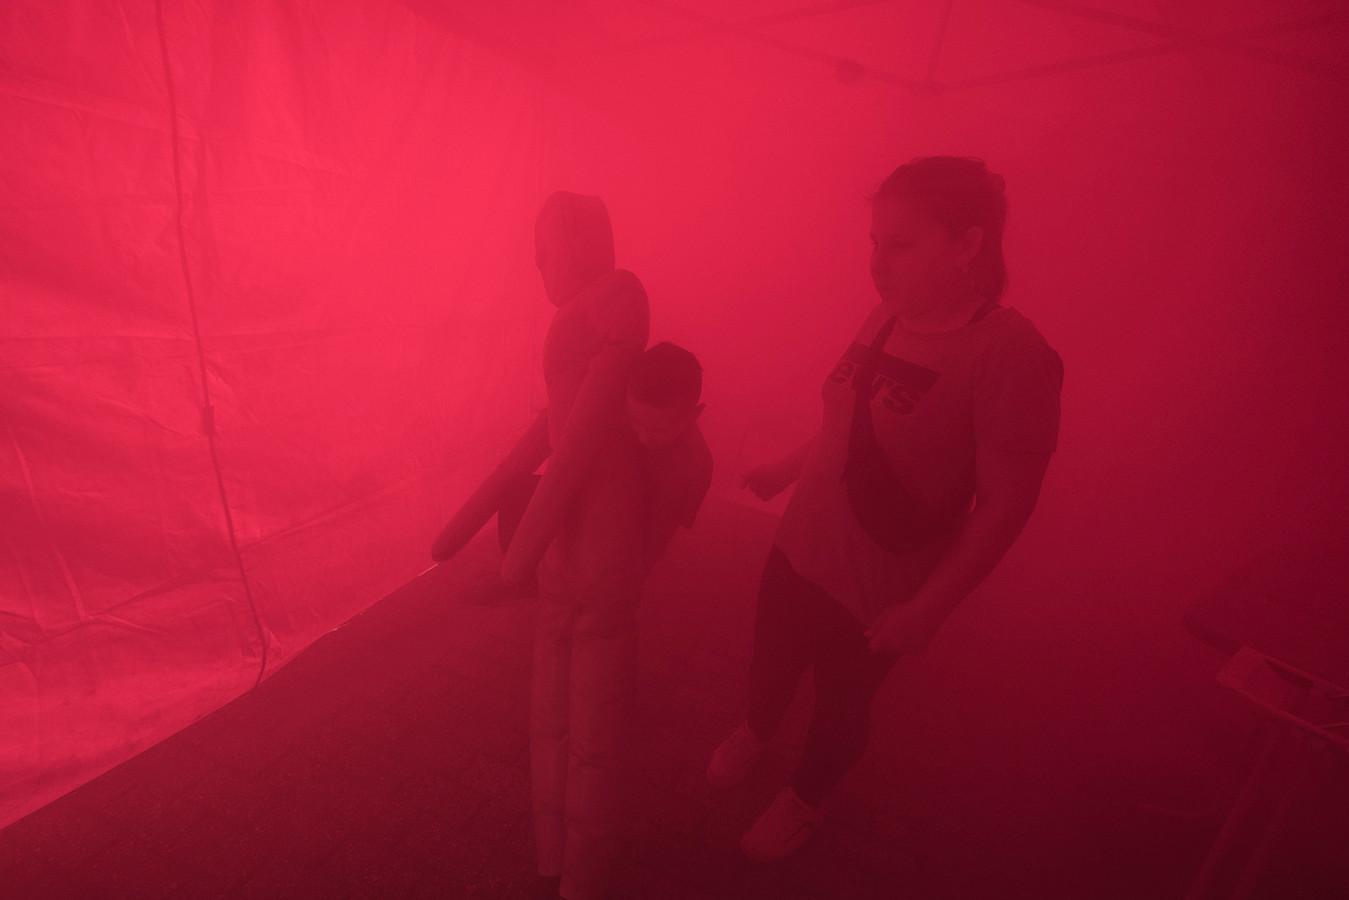 Kinderen redden een slachtoffer in een met rook gevulde ruimte tijdens de open dag van de Groesbeekse brandweer.